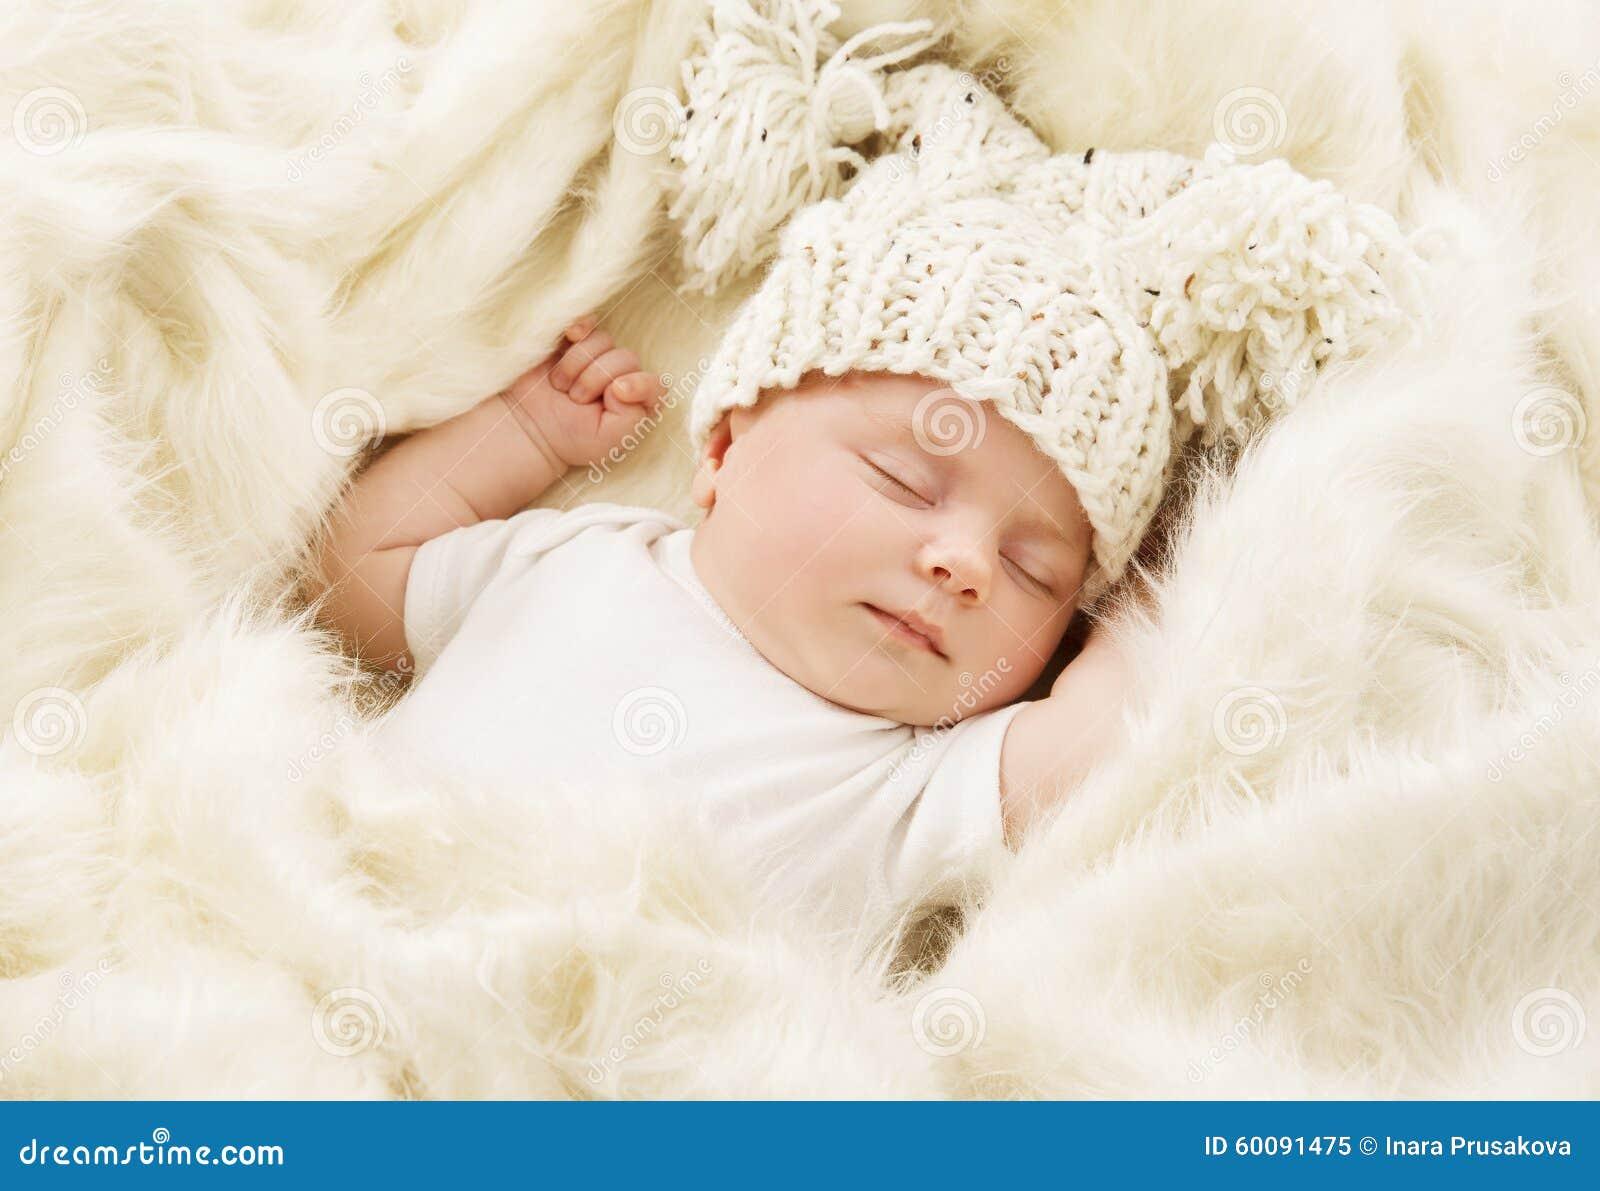 Младенец спать, Newborn сон ребенк в шляпе, девушке новорожденного